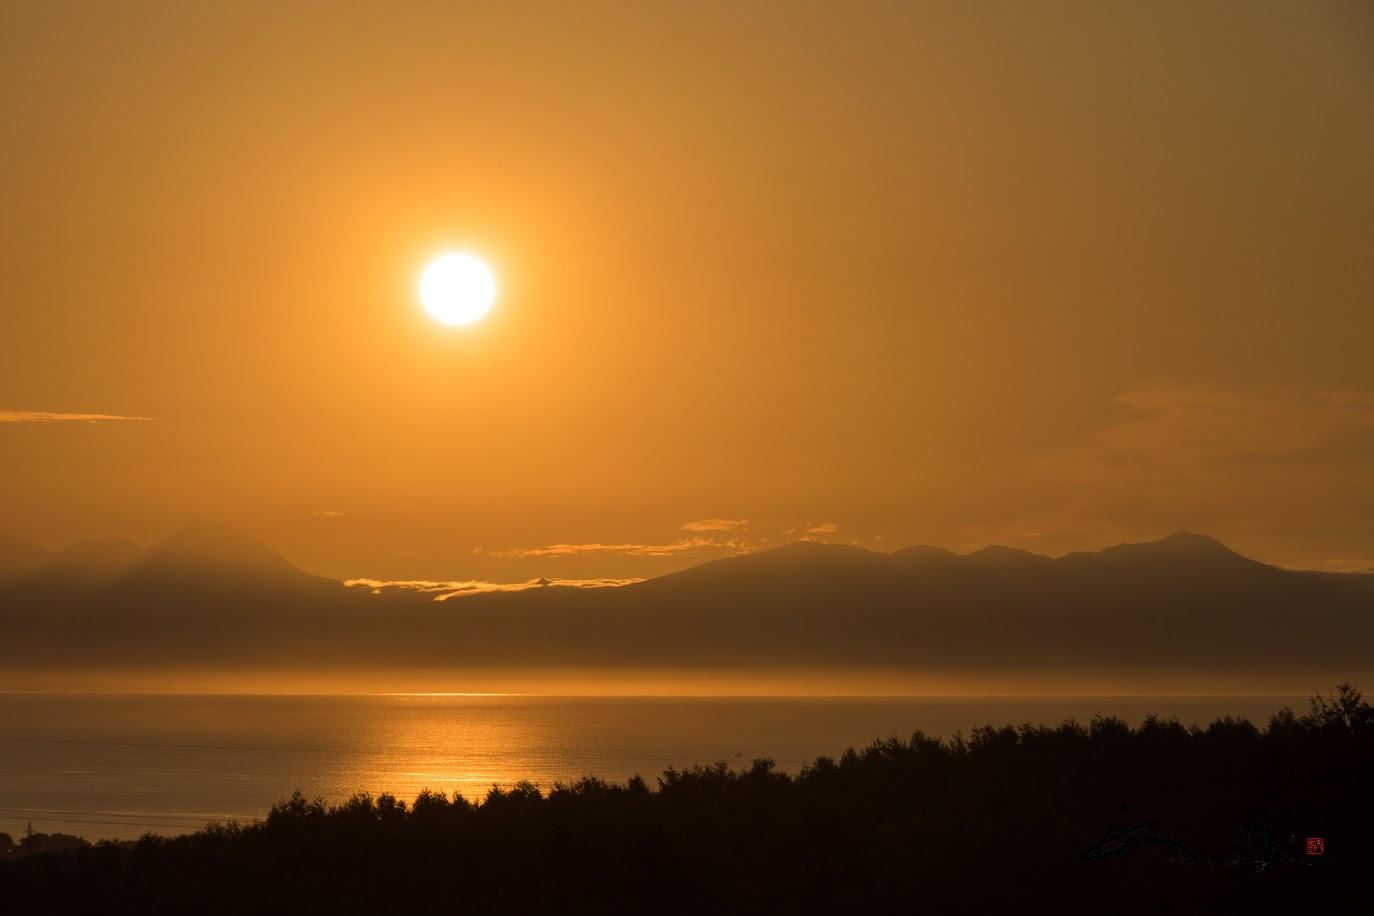 黄金に輝く朝陽(朝5時撮影)